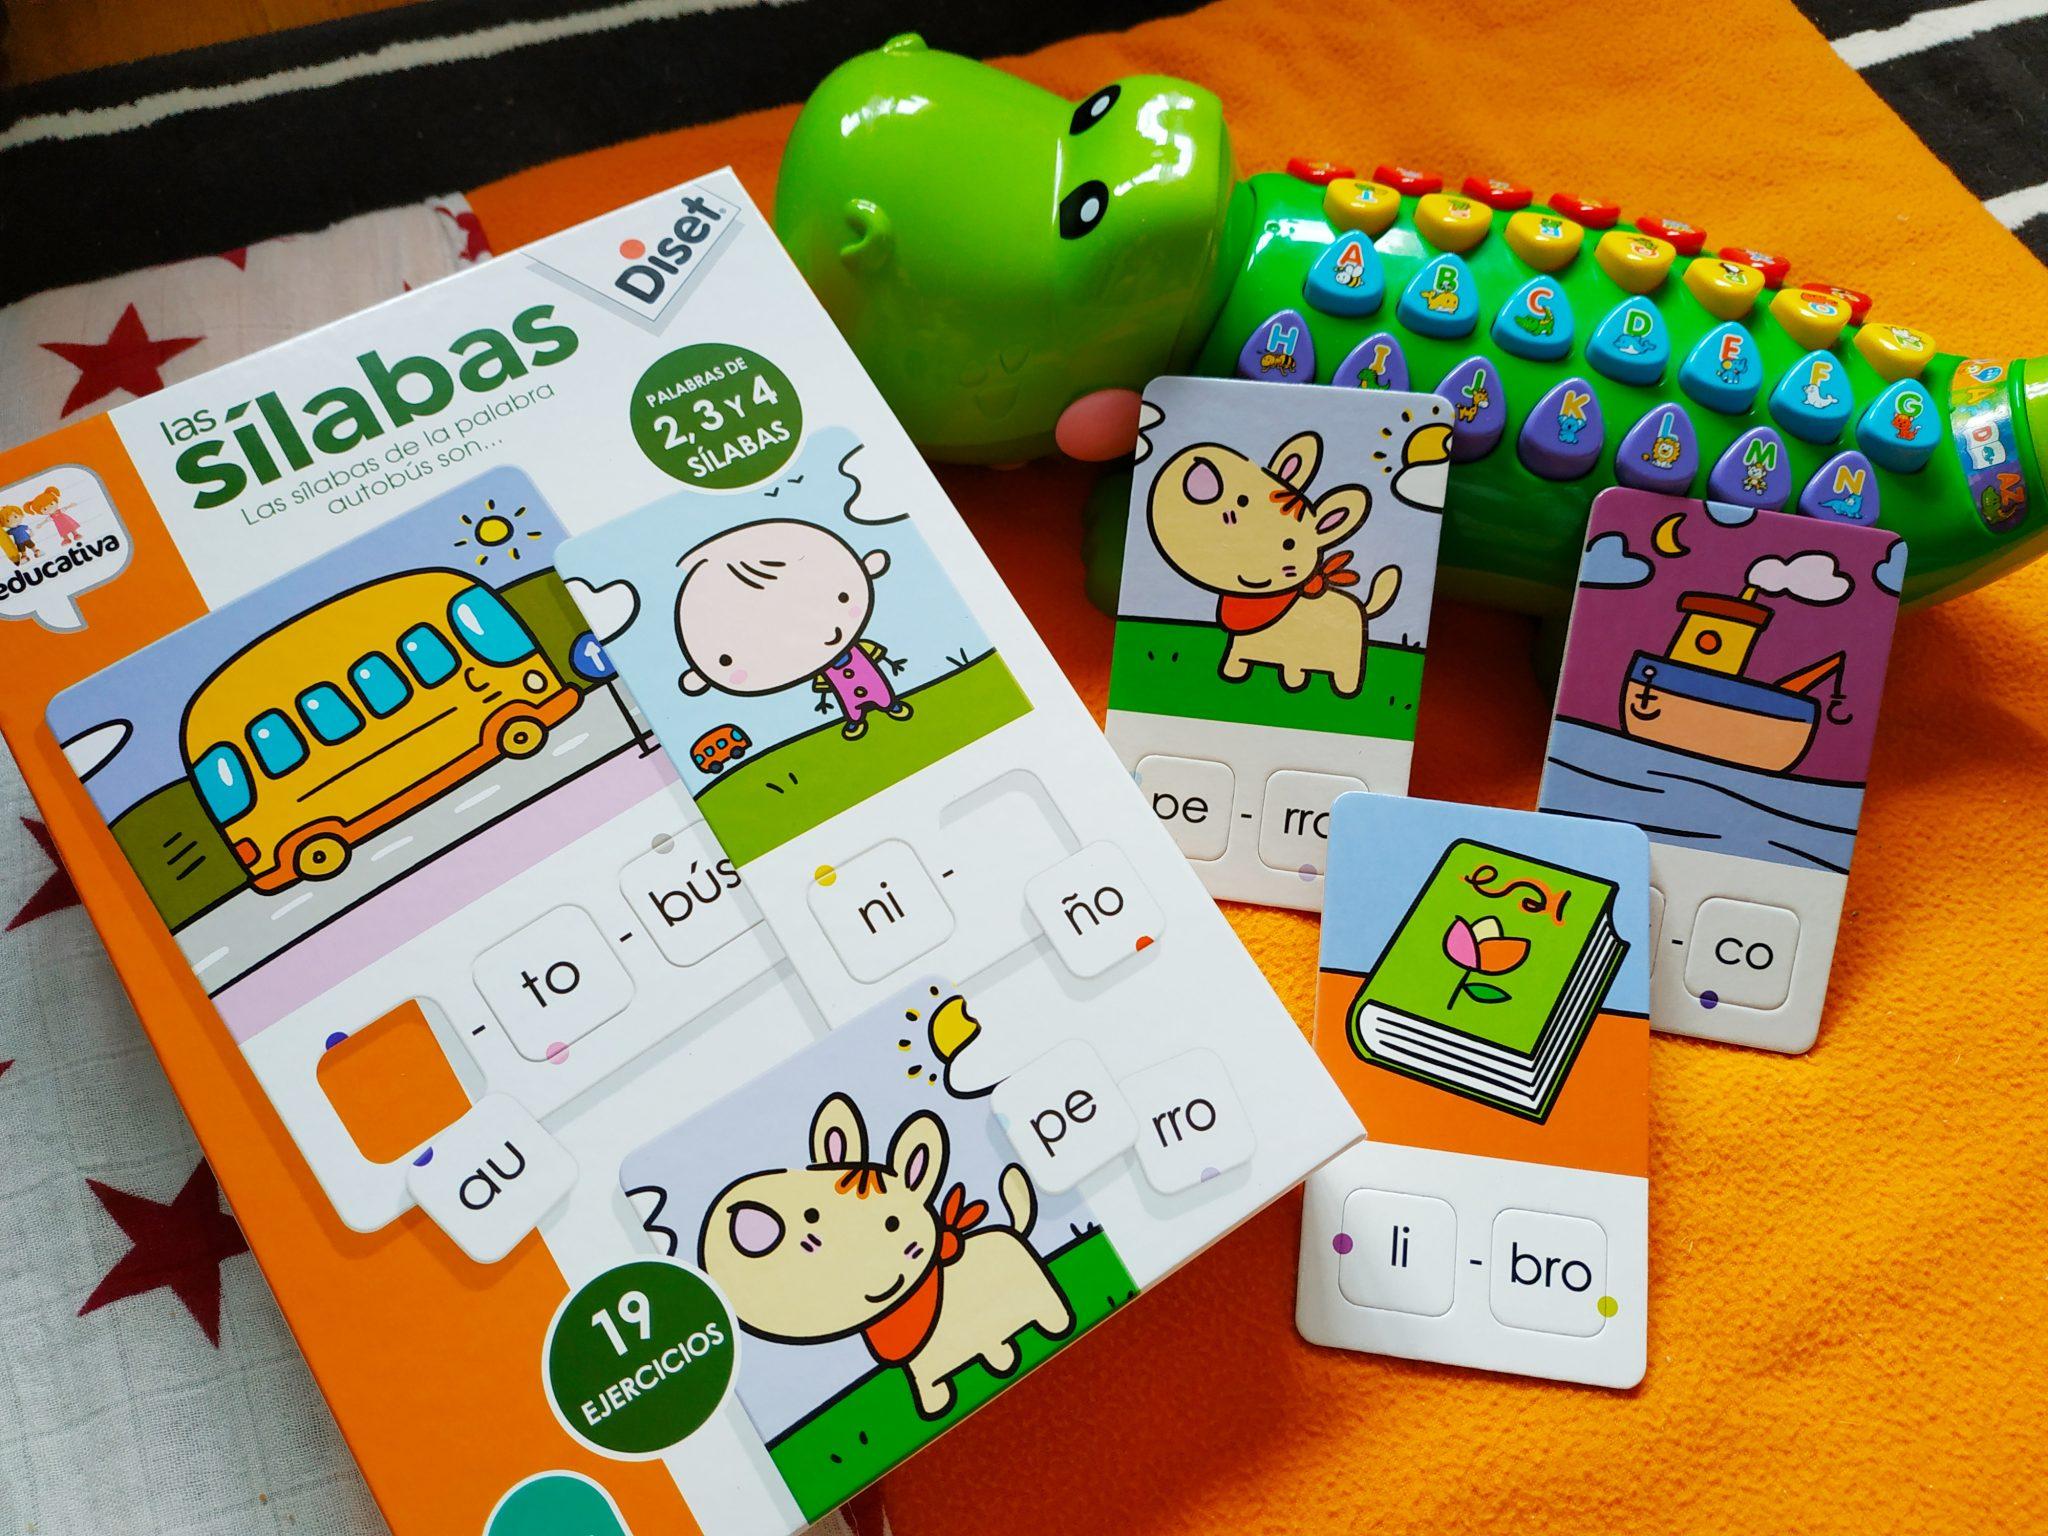 IMG 20190409 094908 - Juegos didácticos para niños de 6 años